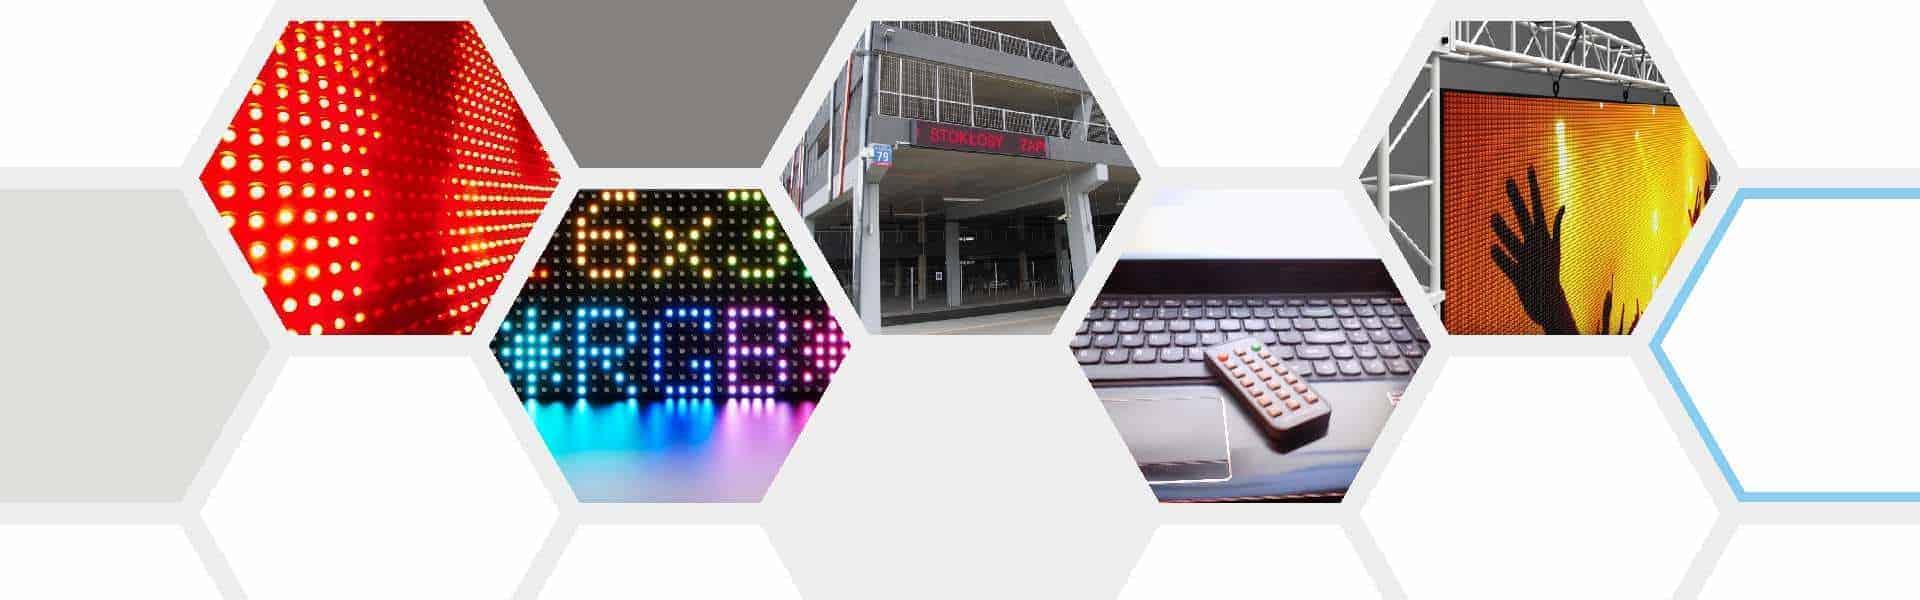 wyświetlacze tekstu tablice LED ekrany diodowe